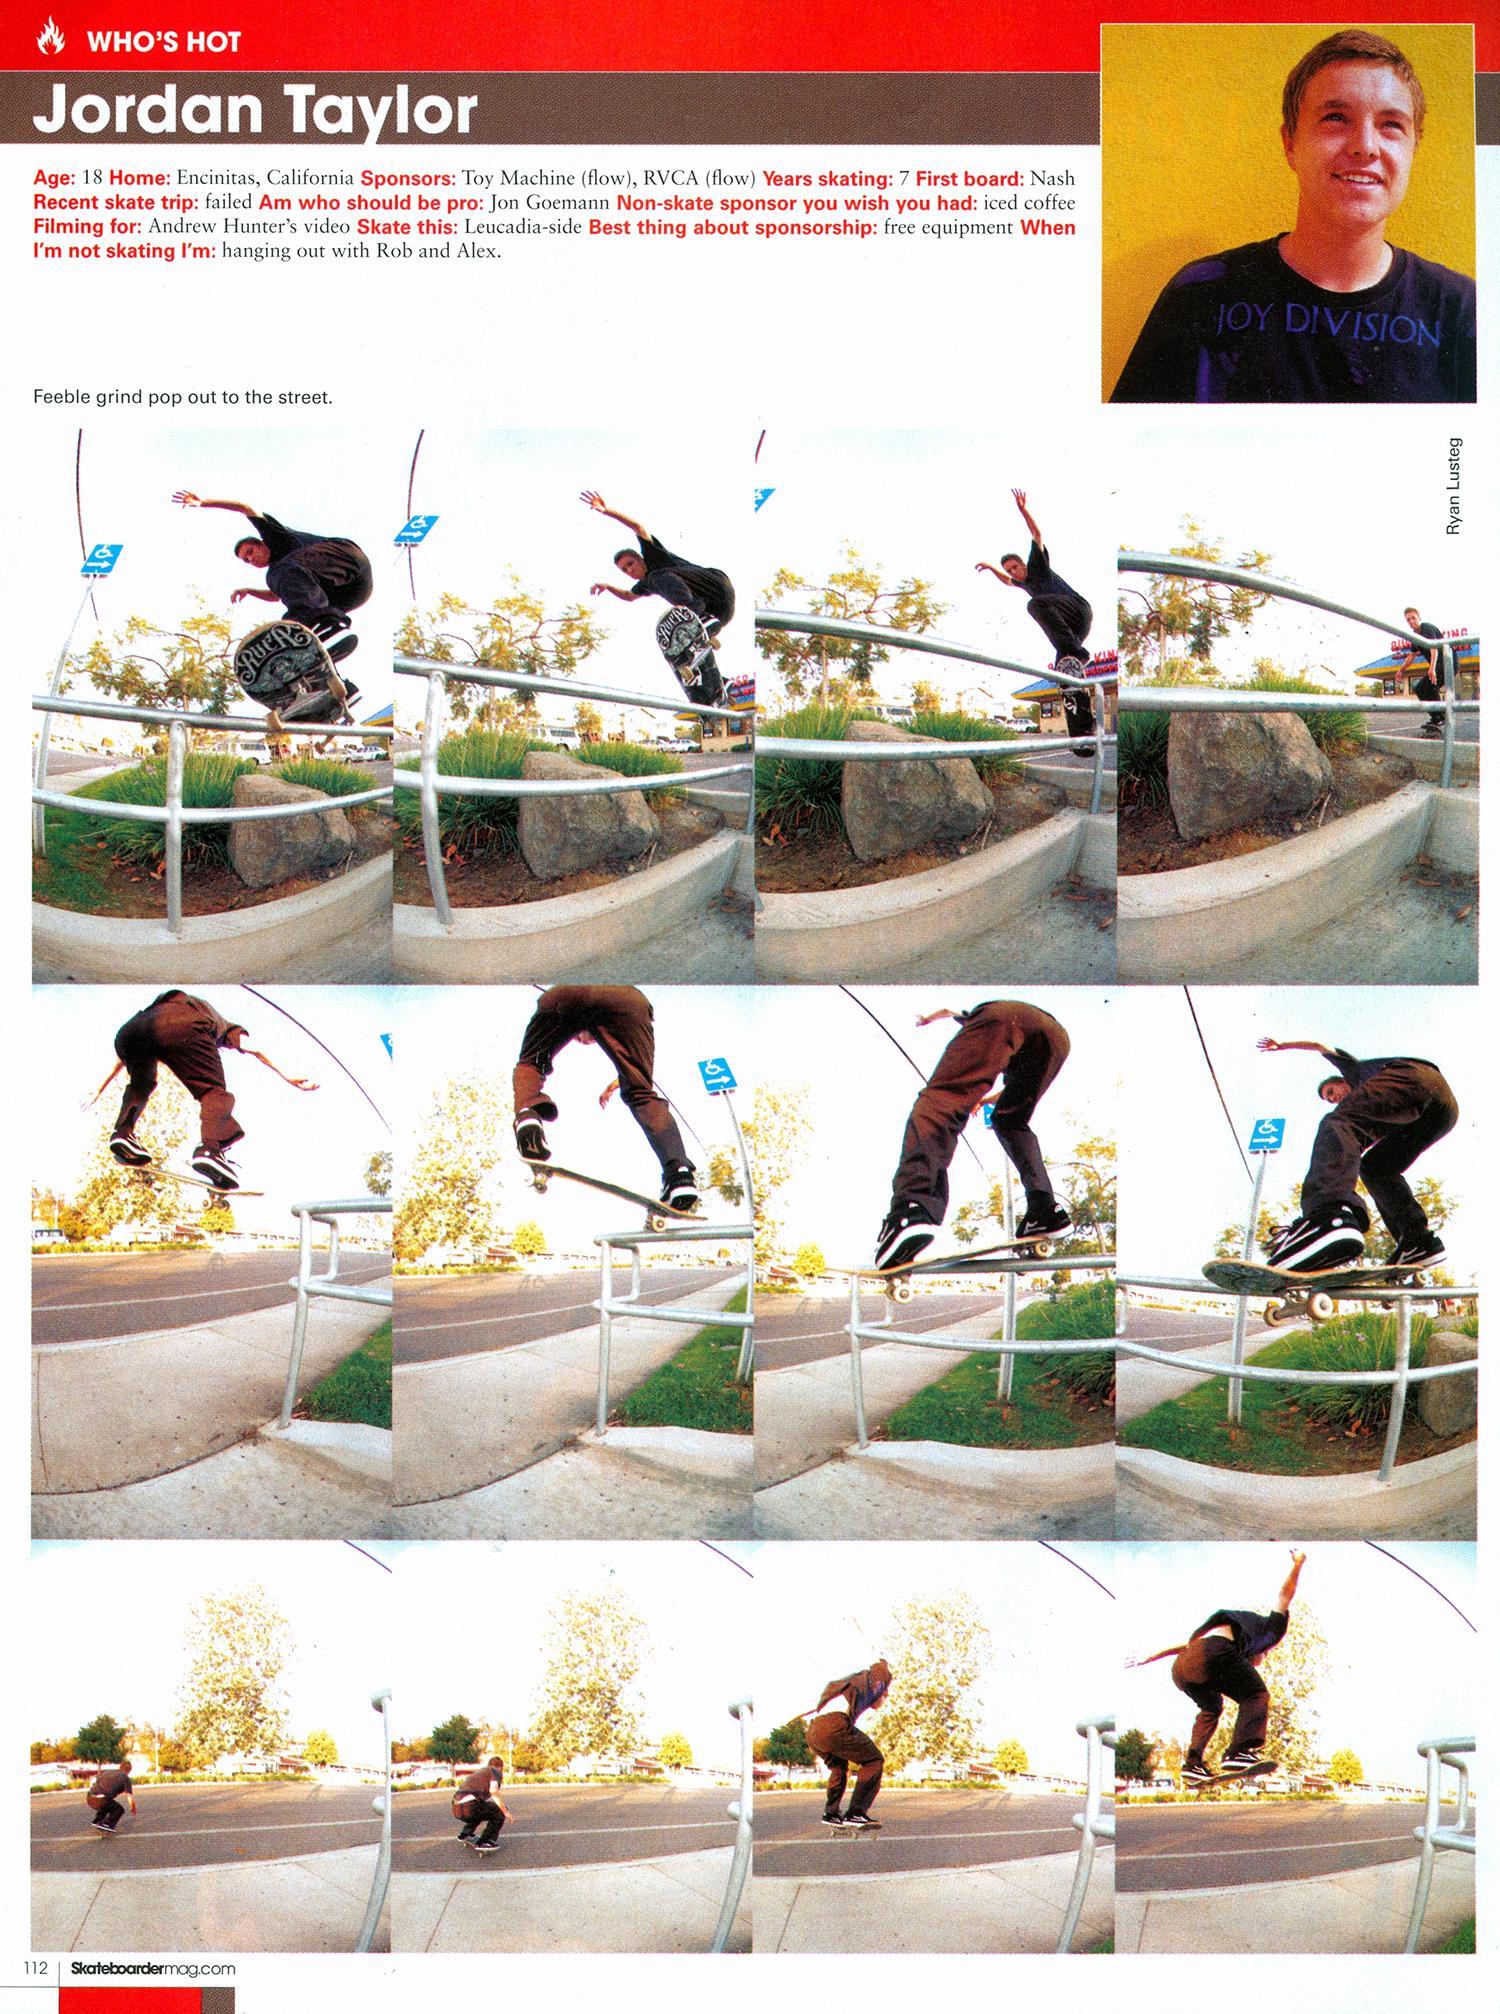 24_jordan_taylor_whos_hot_skateboarder.jpg